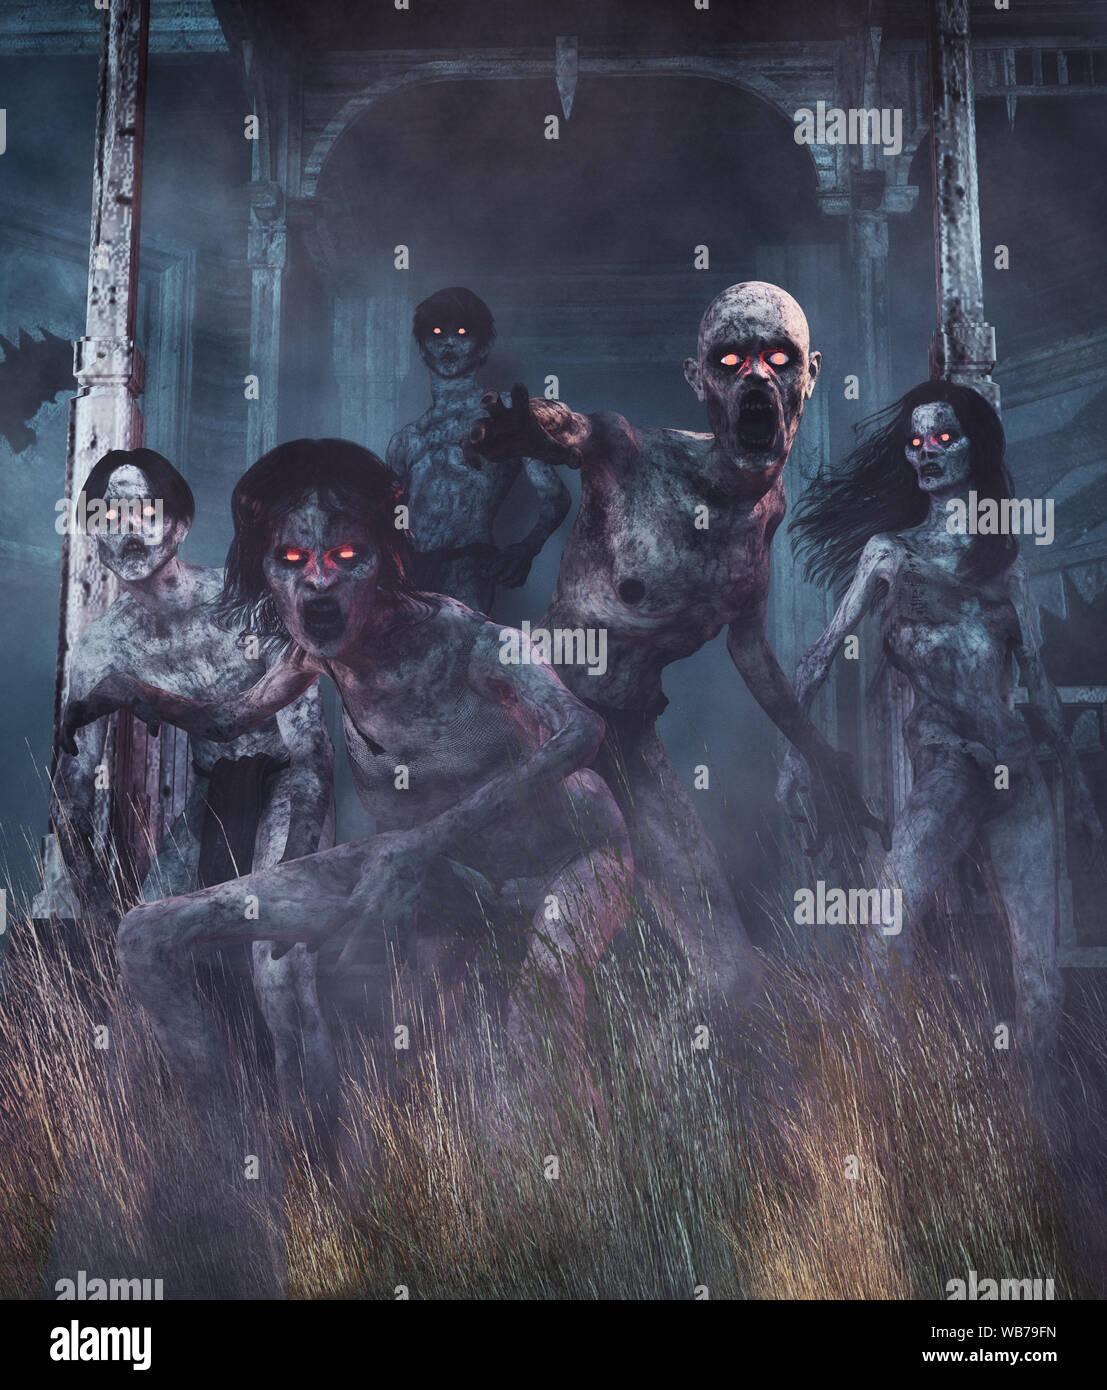 Fantasy Land Spooky Scary Stock Photos & Fantasy Land Spooky